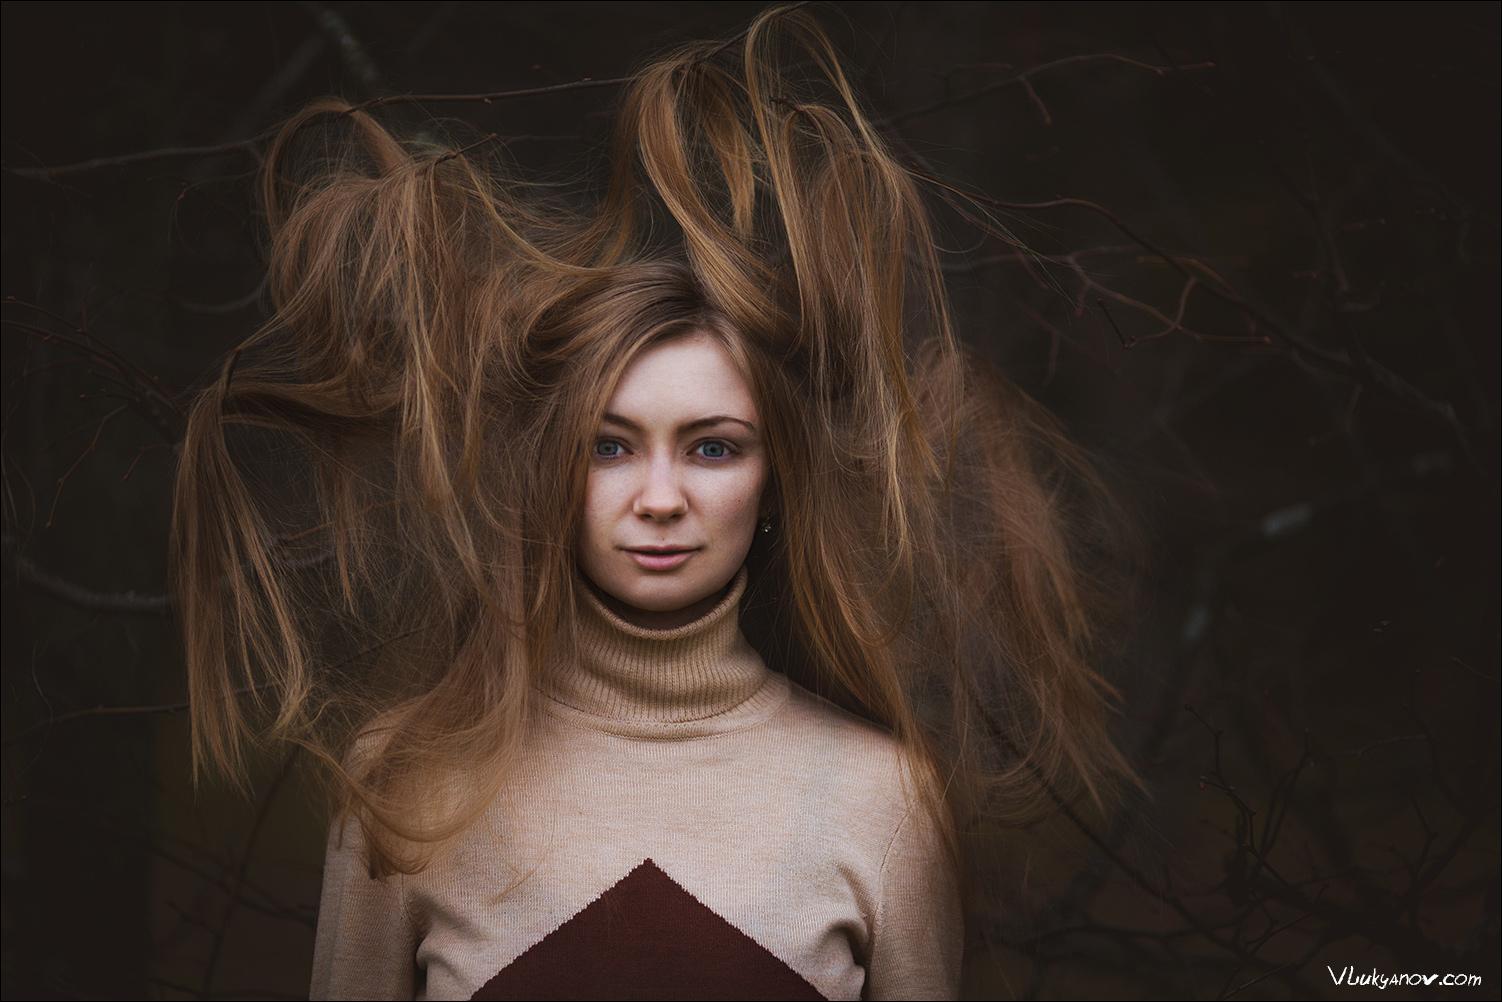 Фотограф, Владимир Лукьянов, Москва, Хеллоуин